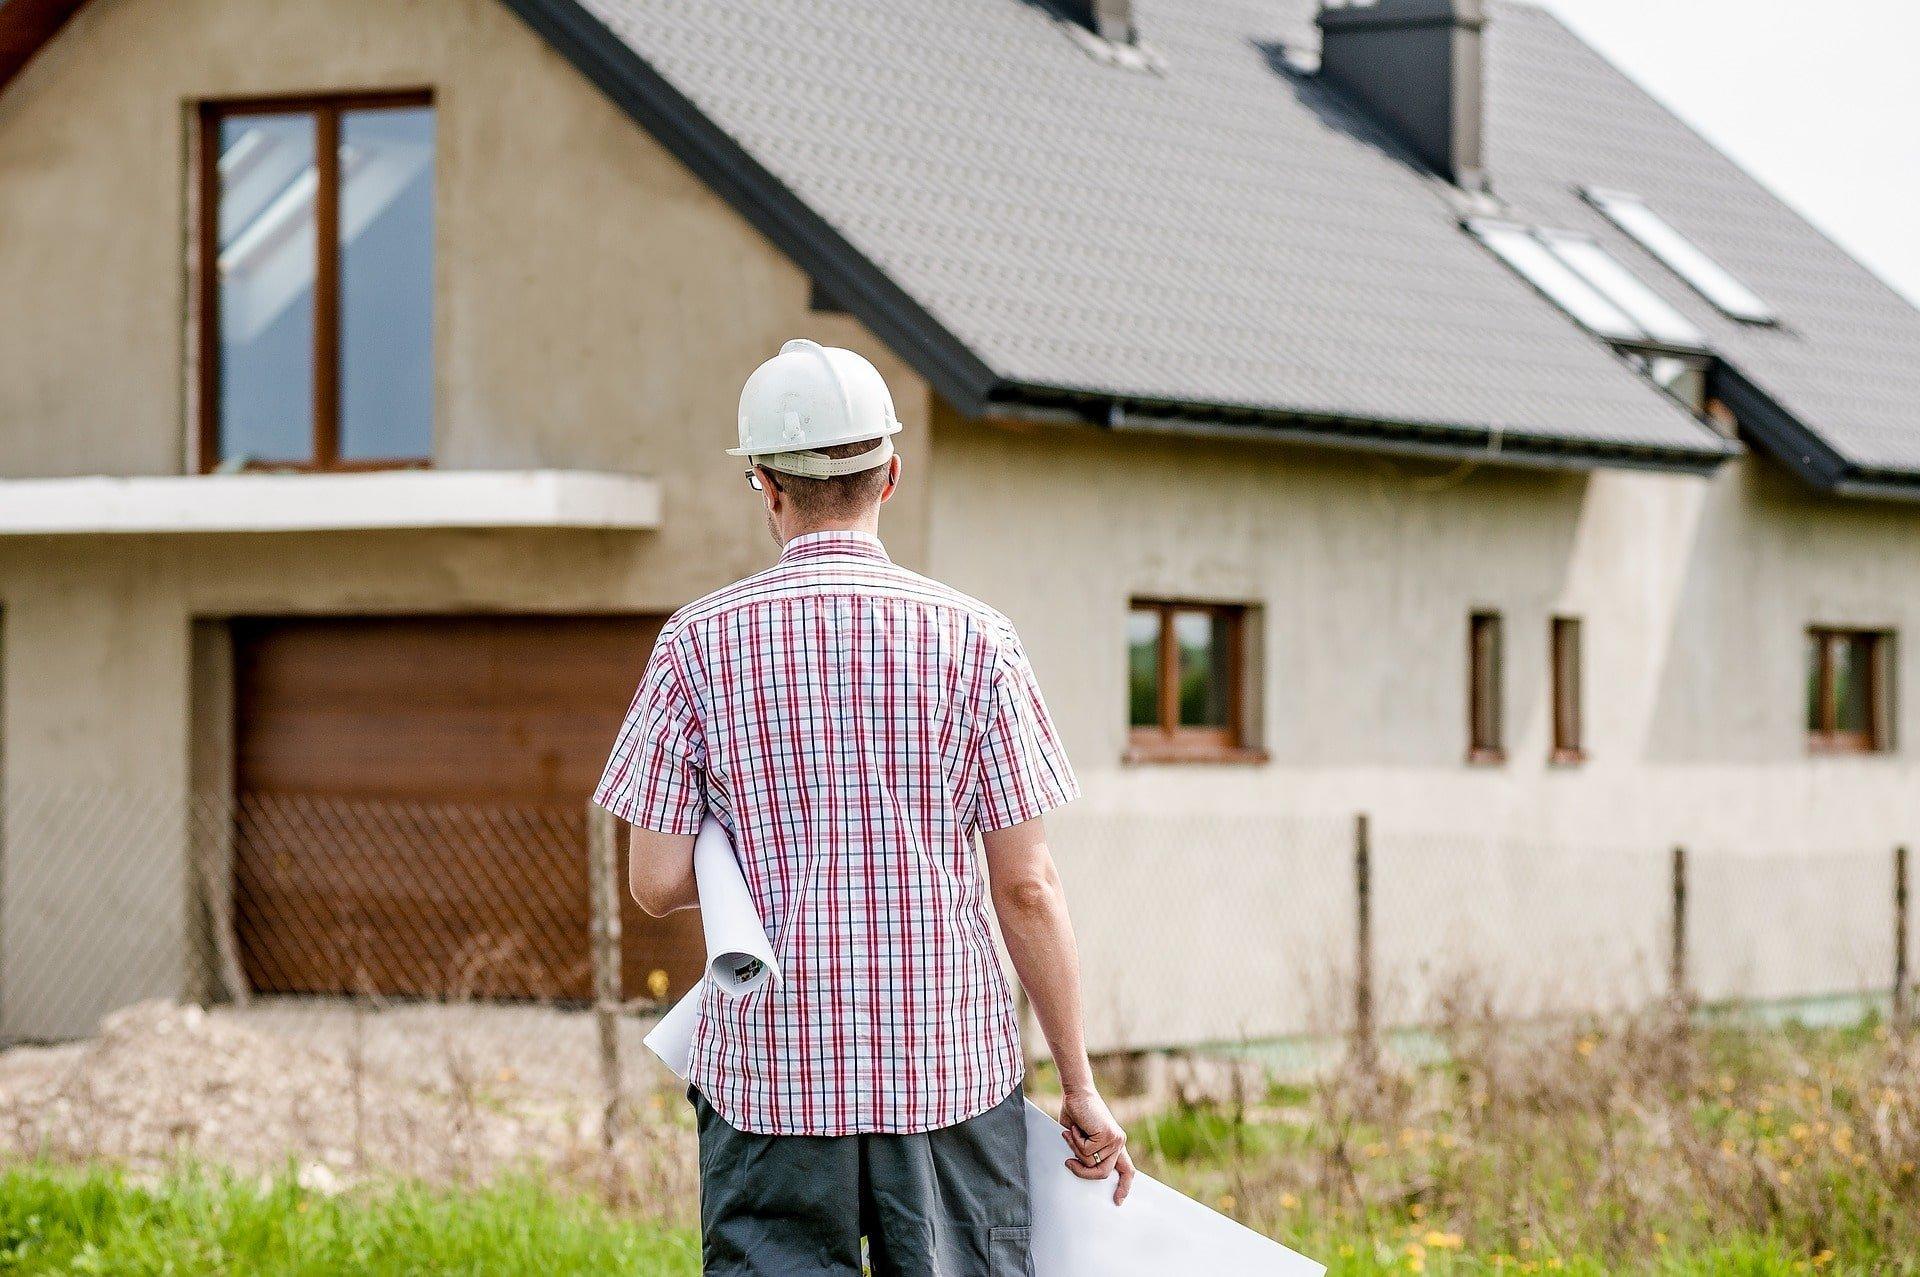 Od 1. 1. 2021 začnou platit přísnejší normy na energetickou hospodářnost budov. Jsme připraveni akceptovat a plnit nové normy? Je energeticky efektivní stavba výhodná pro majitele objektu, nebo spíše pro stát?